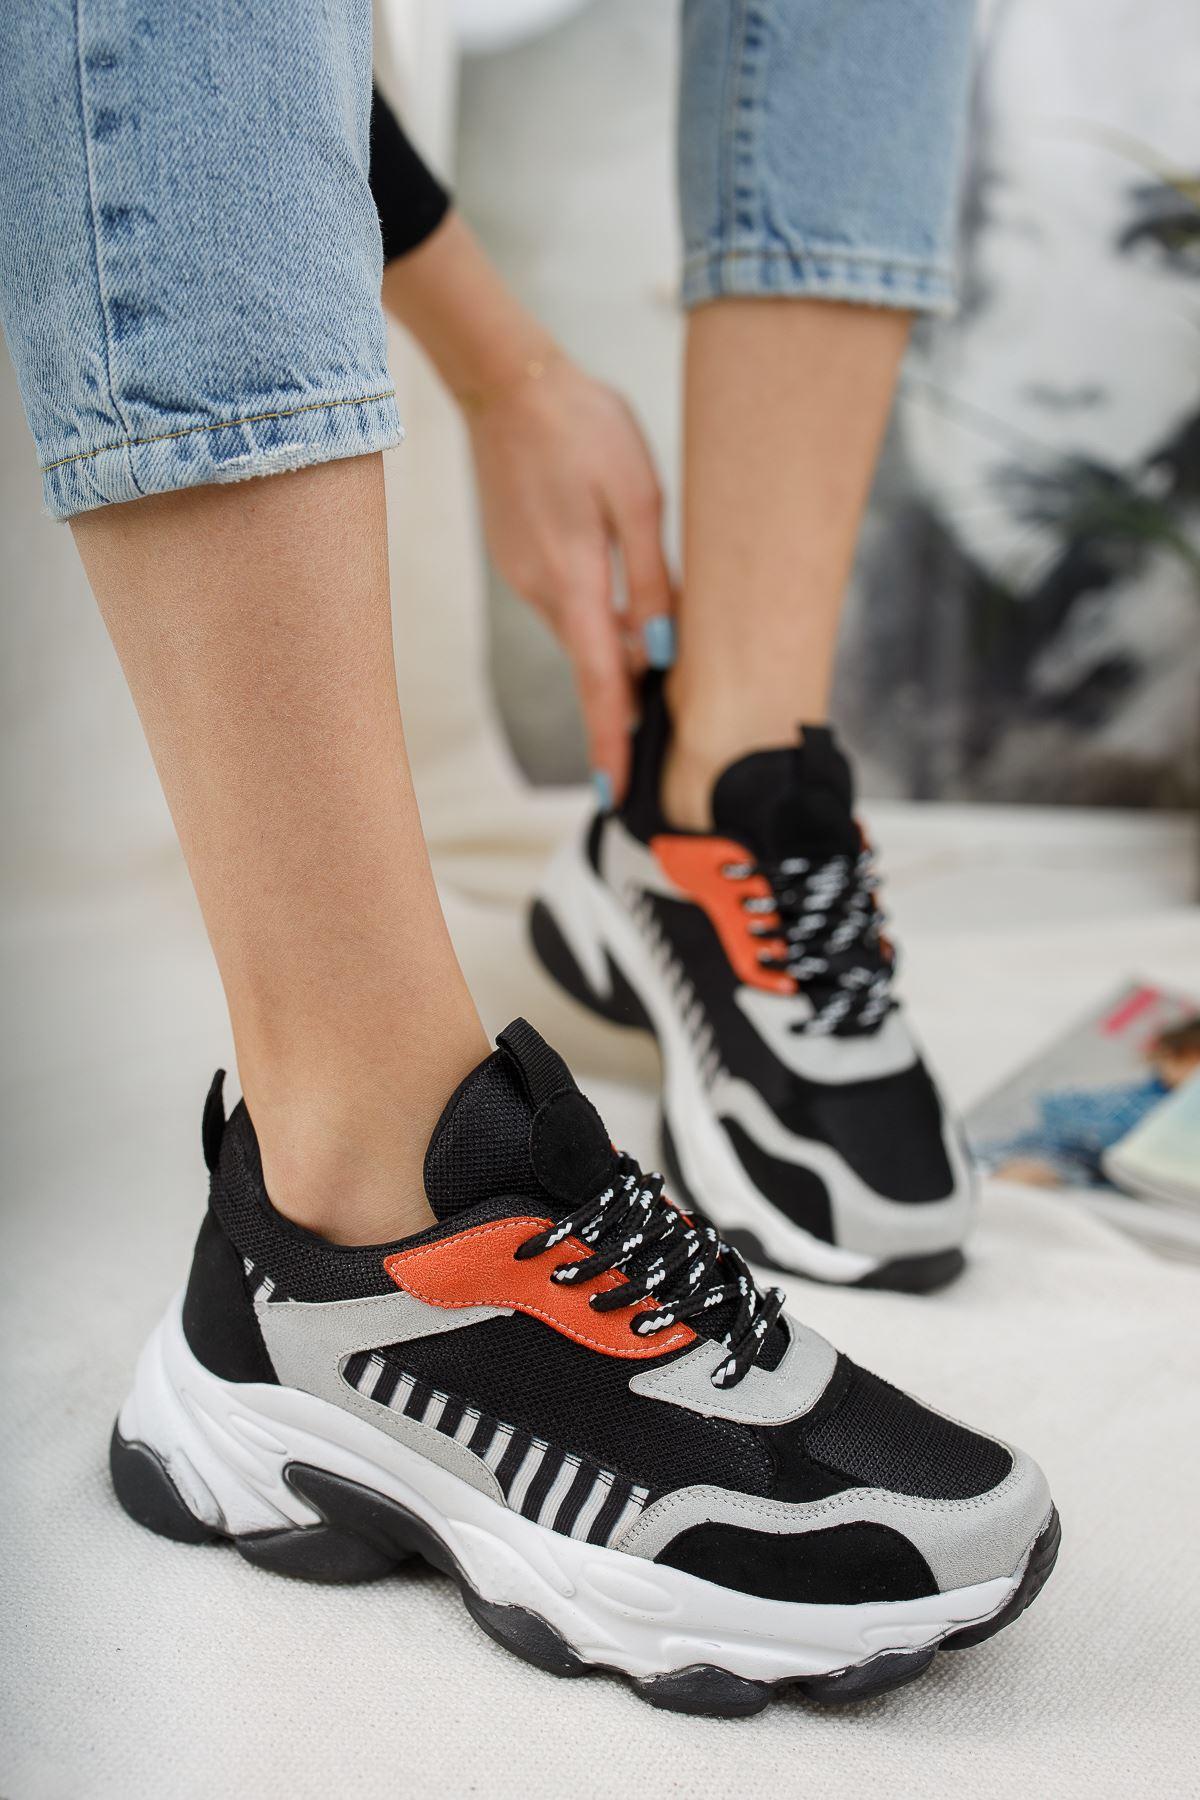 Kadın Reborn Çizgi Detaylı Kalın Taban Kadın Spor Ayakkabı Siyah